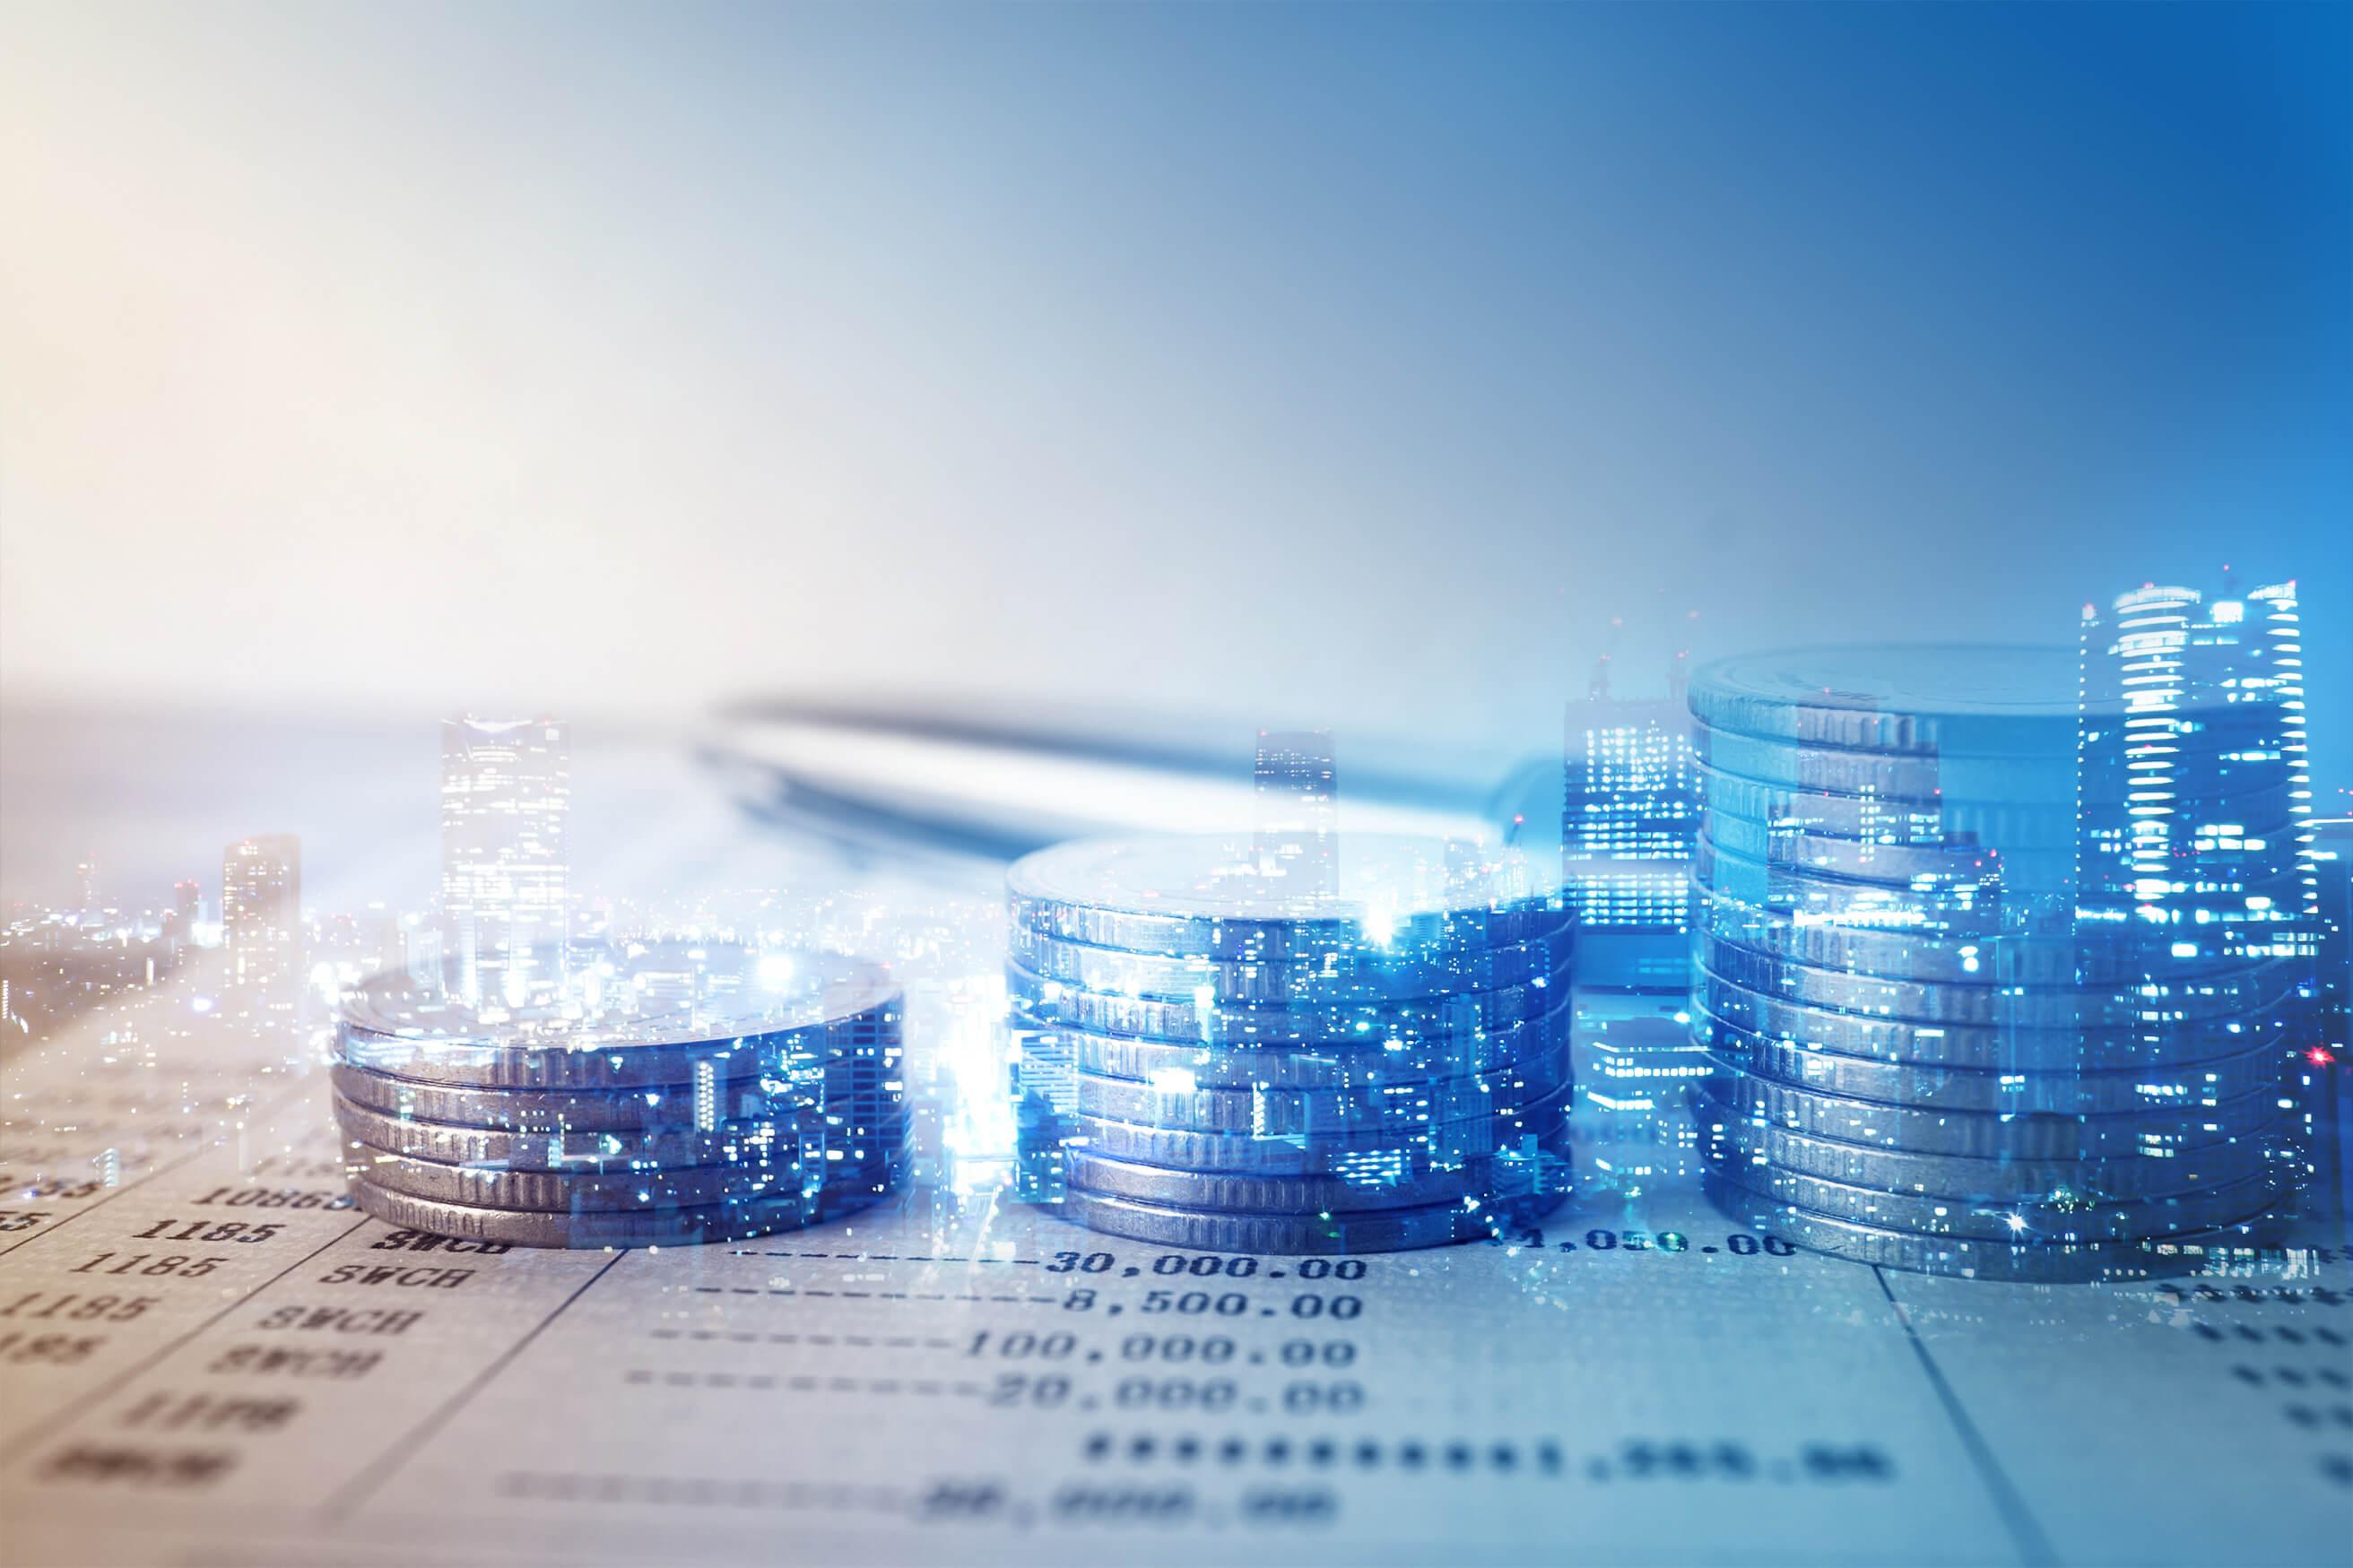 העברות כספים בינלאומיות – כל השיטות, ומה משתלם לכם יותר